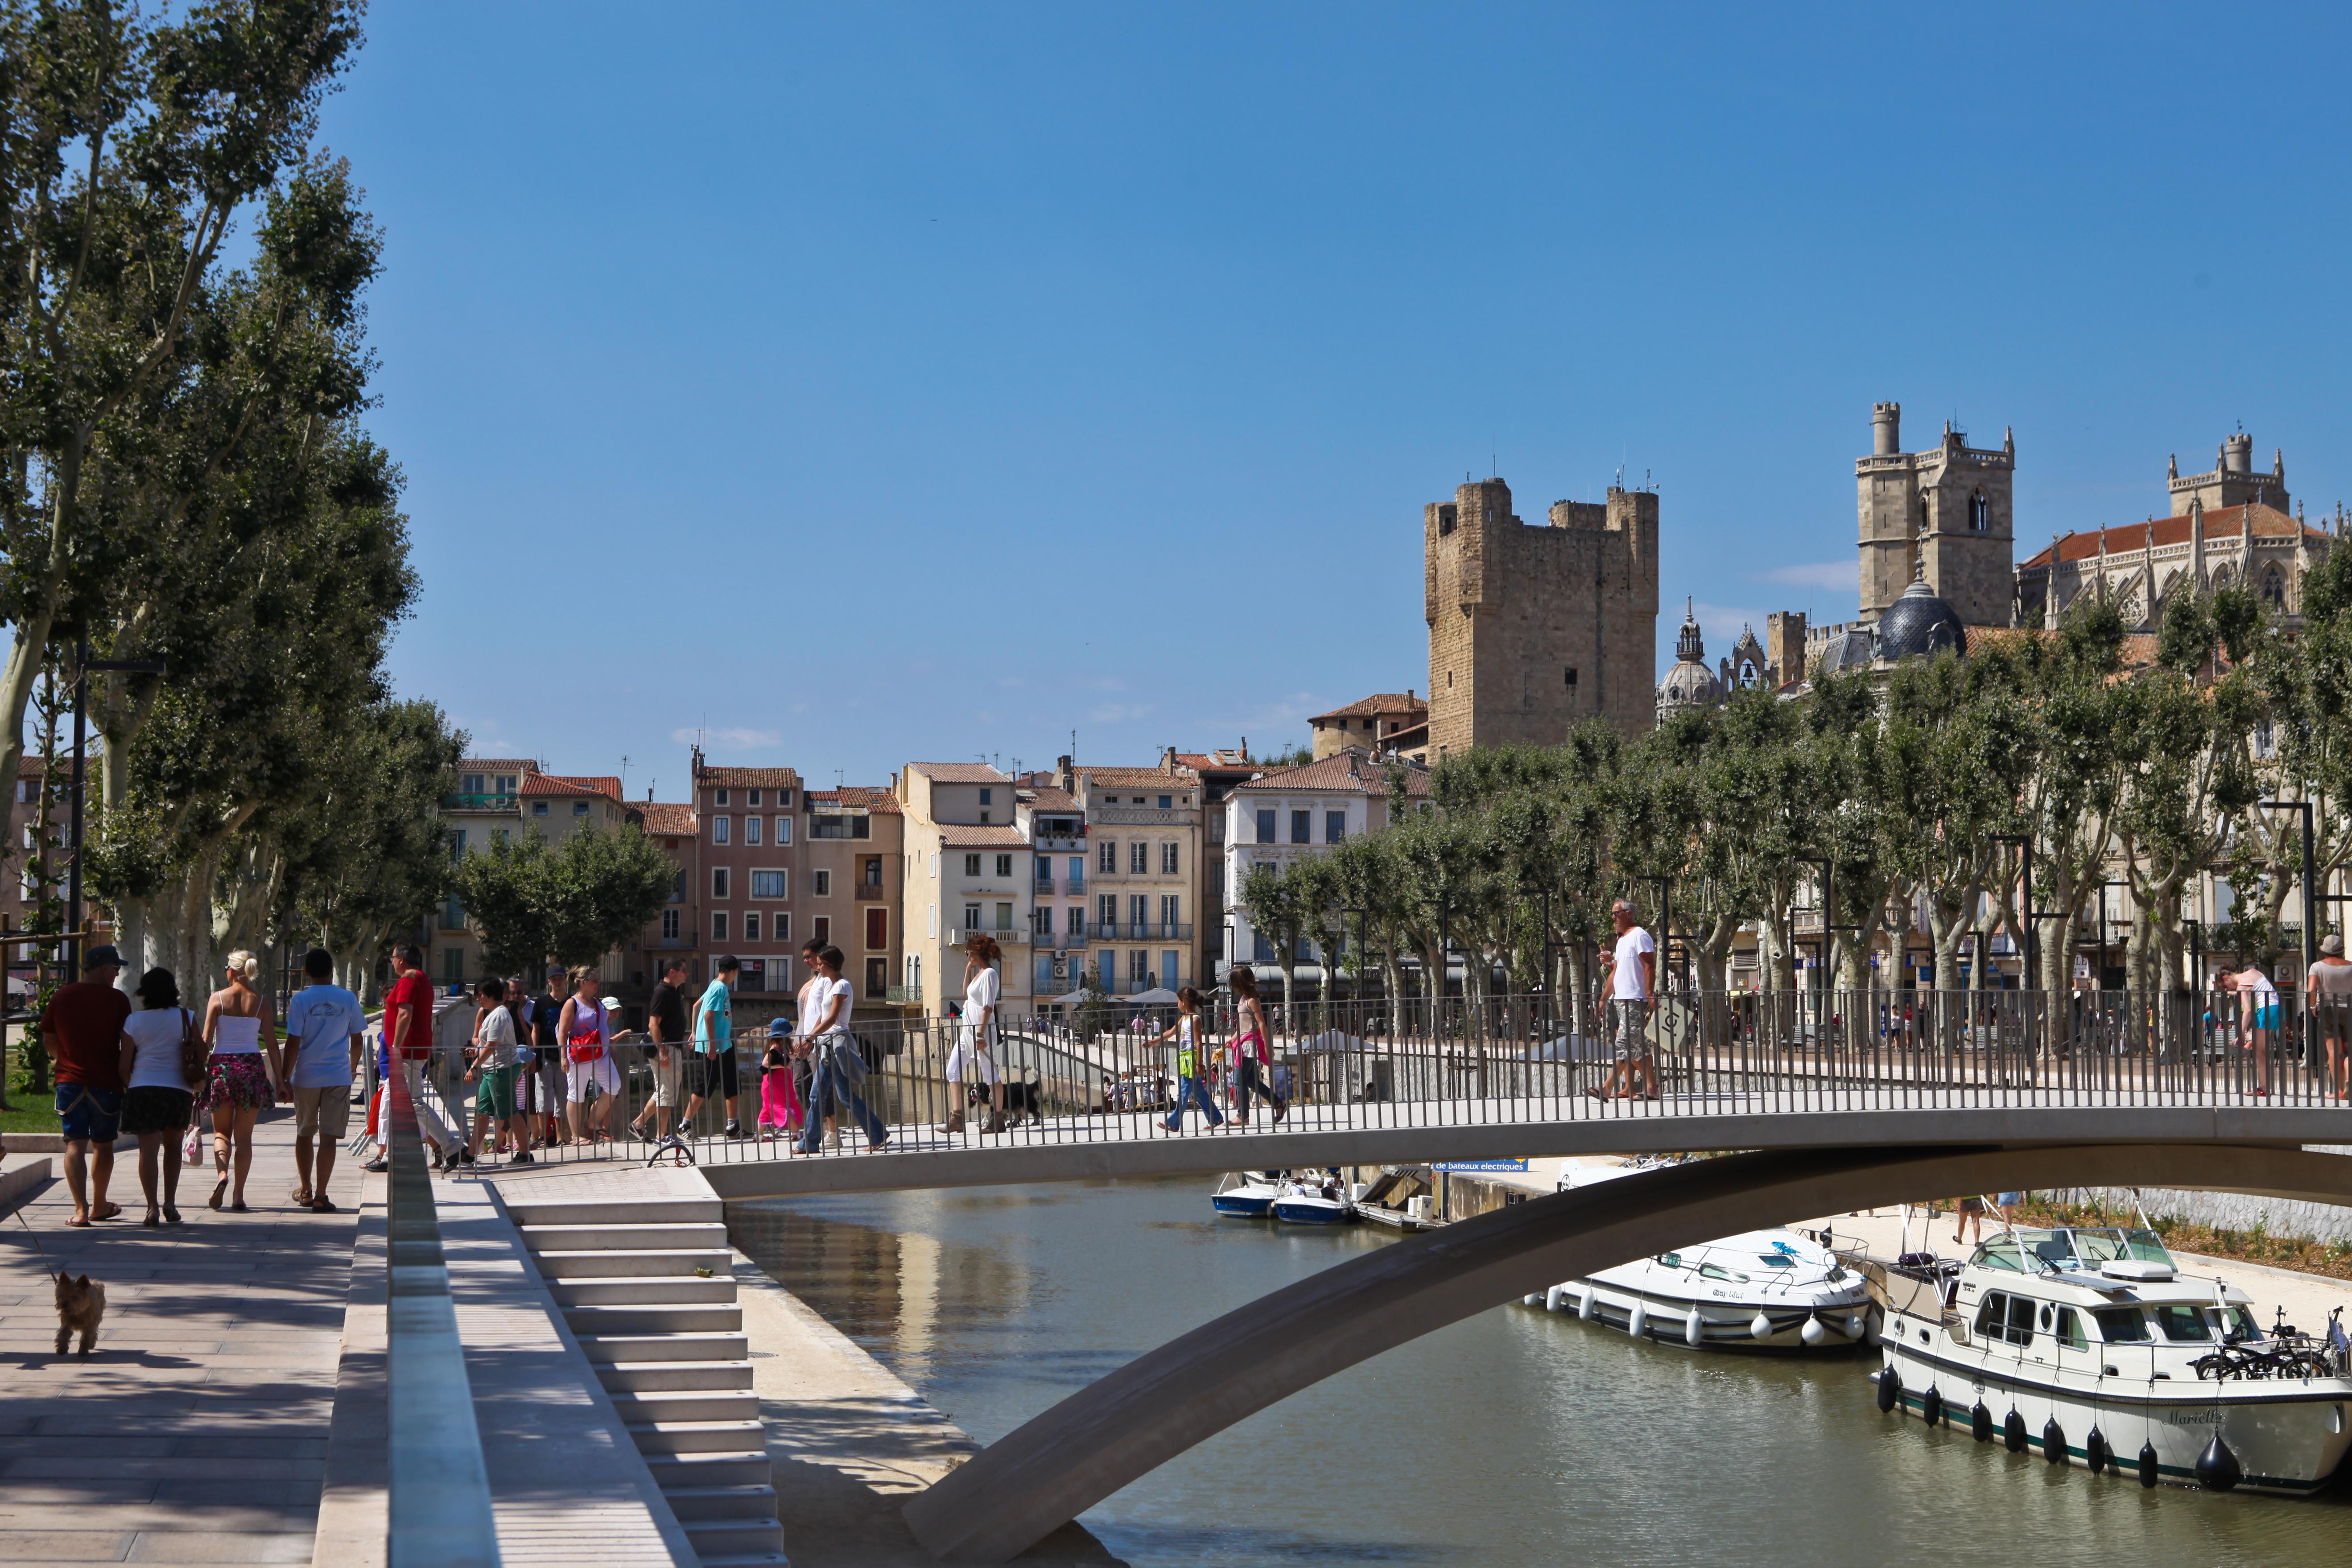 Un paseo por narbonne 3viajes for Piscine des 3 villes hem